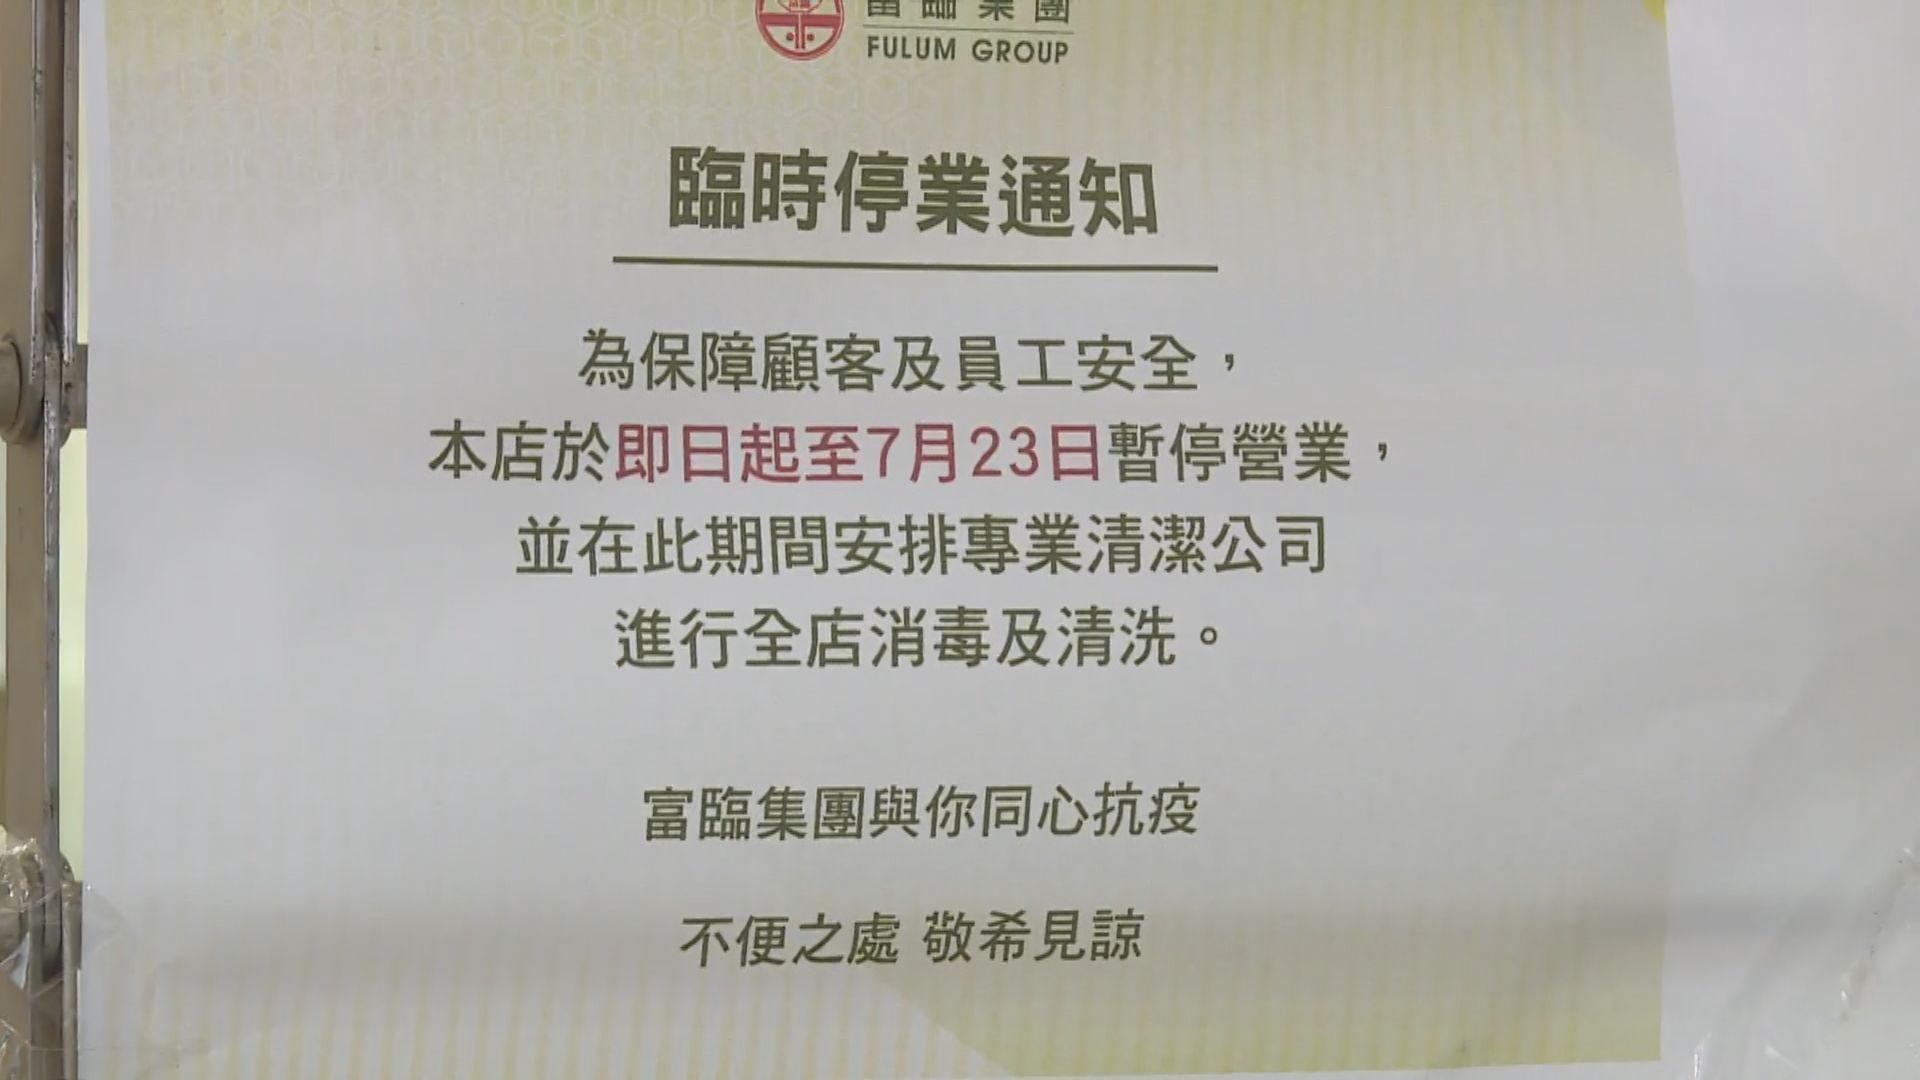 本港新增73人確診 多間餐廳爆發新群組